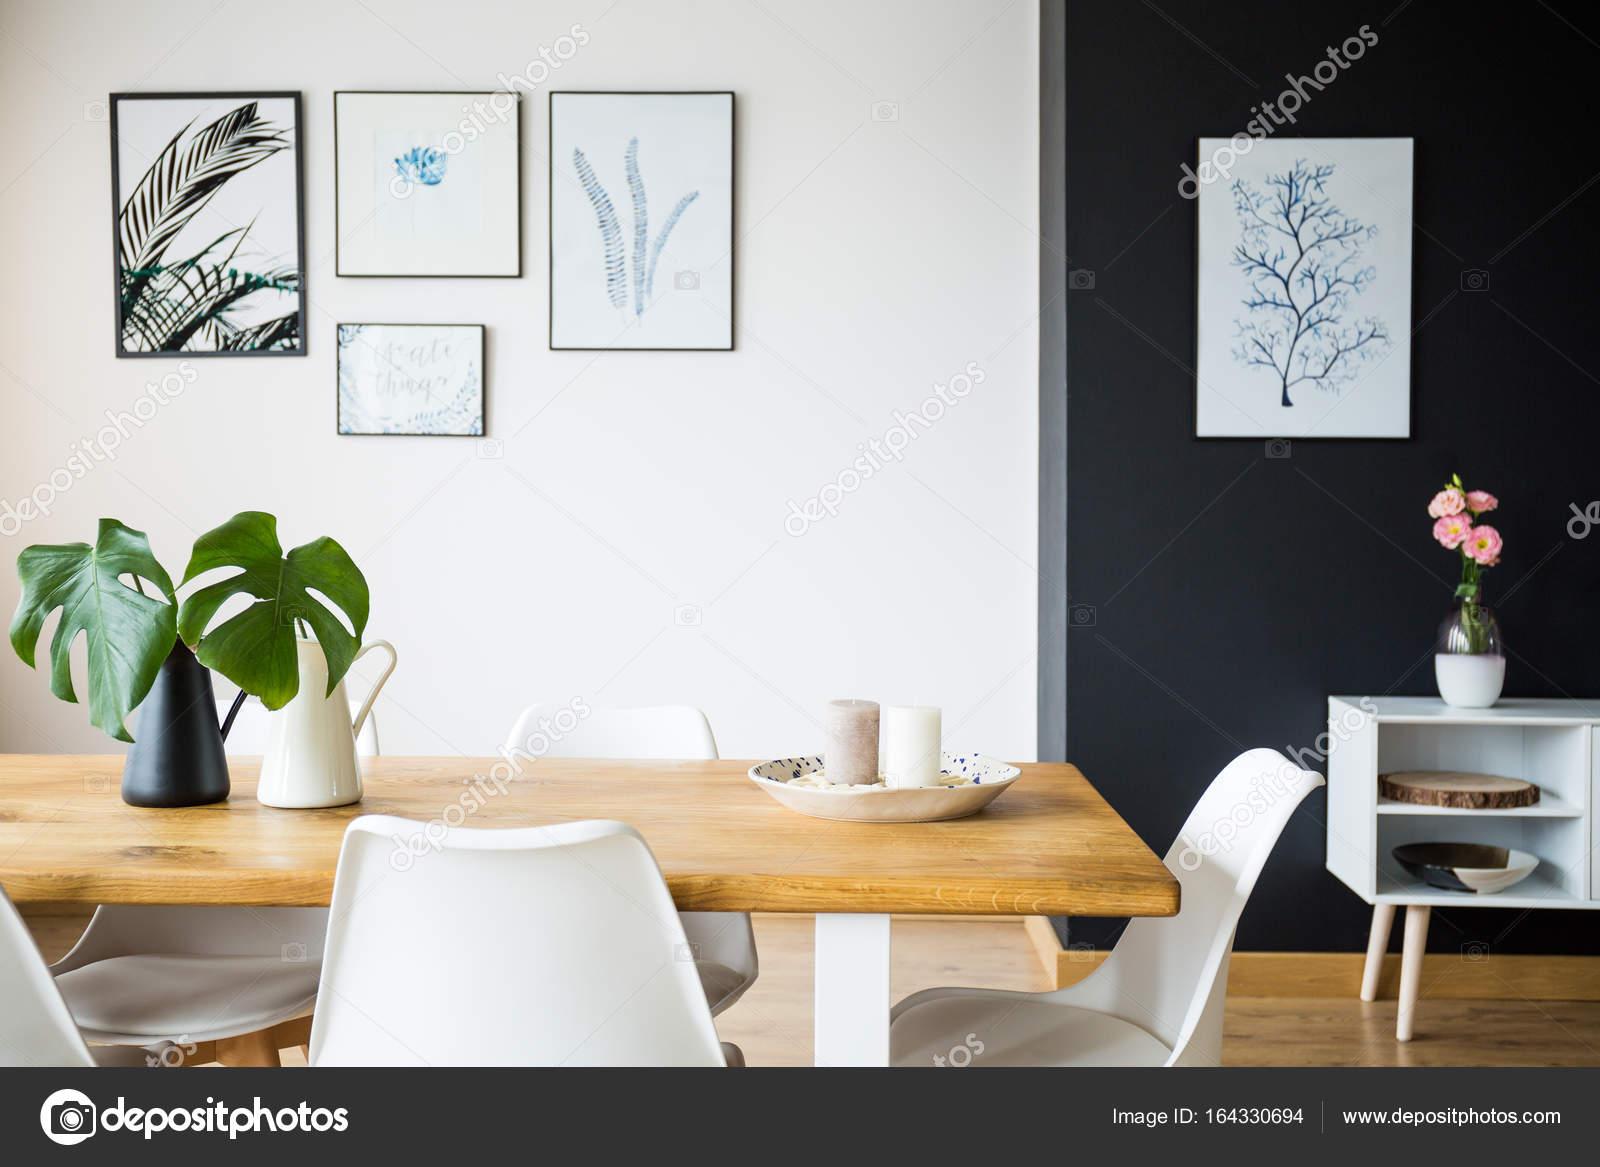 Eetkamer met plant decoratie u stockfoto photographee eu